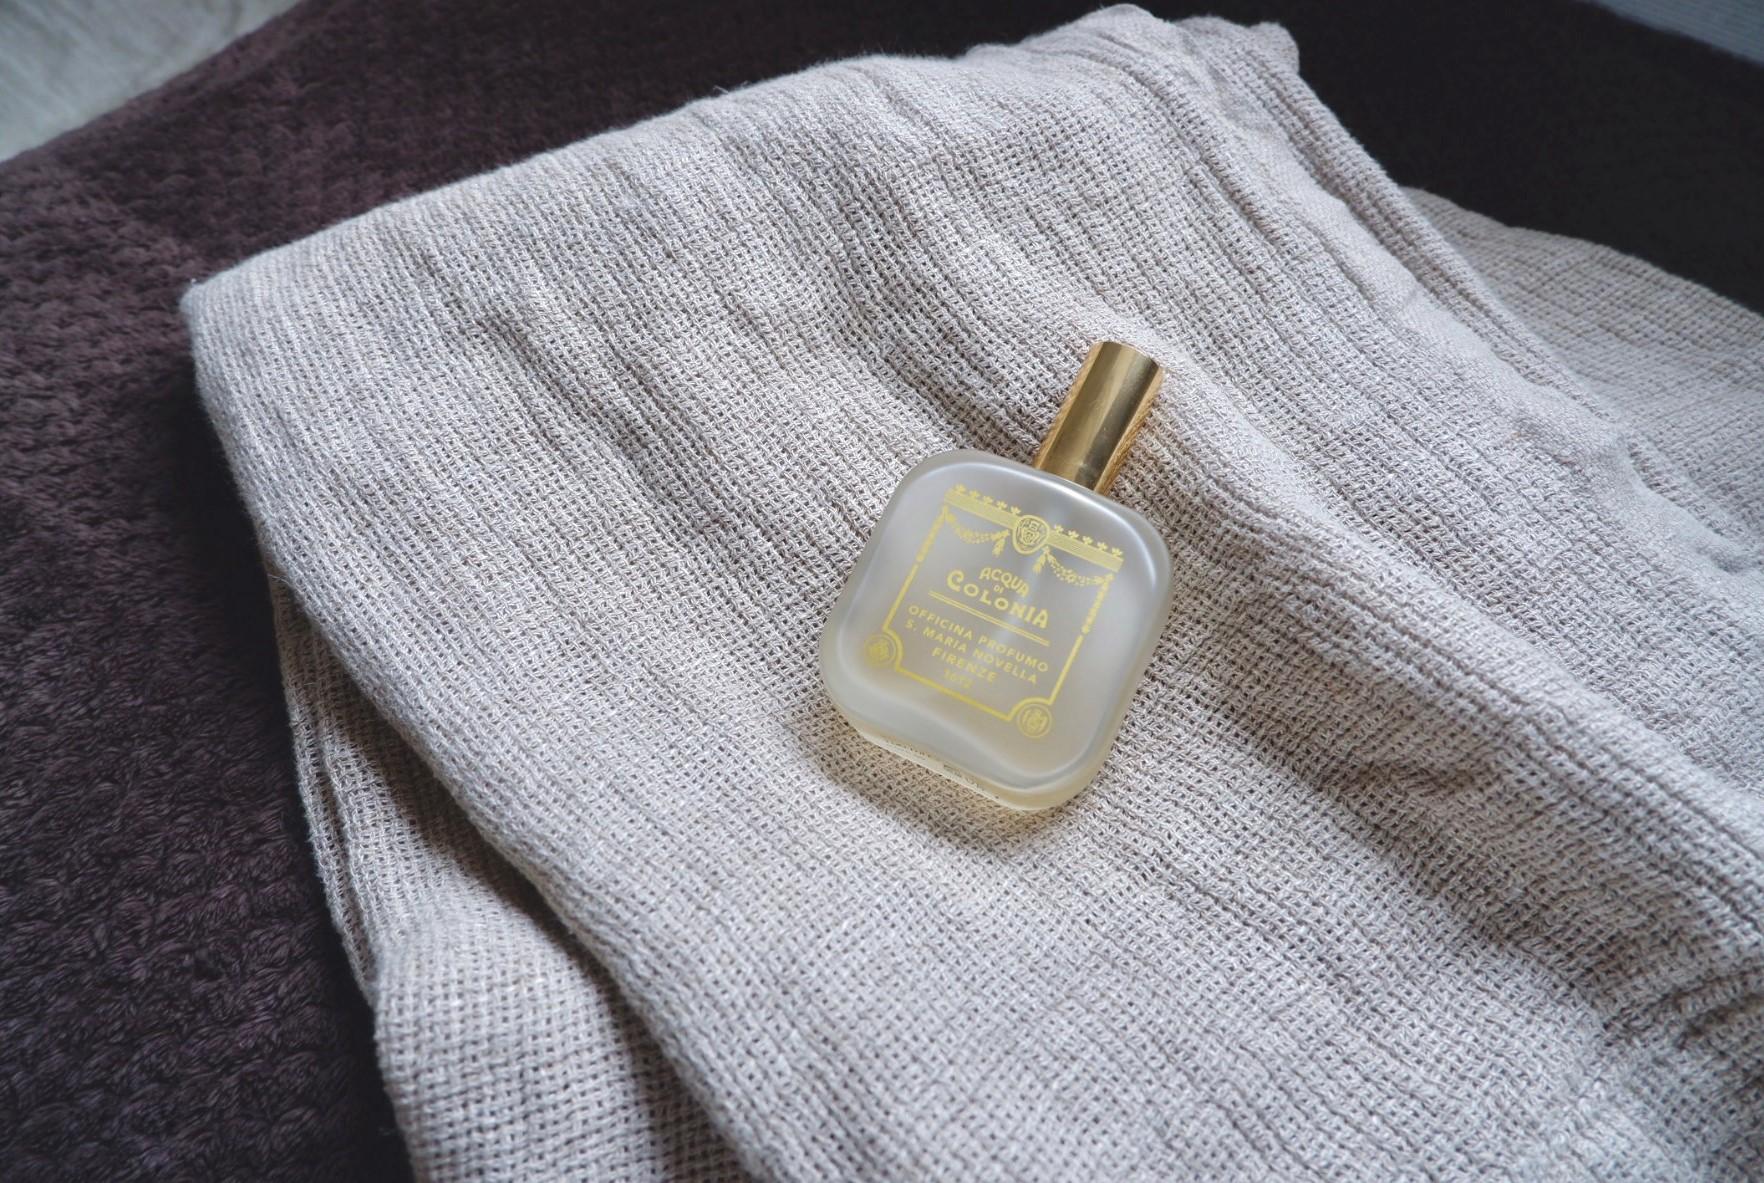 タオルに吹きかけると、ほのかな優しい香りに包まれてホッと心が落ち着きます。